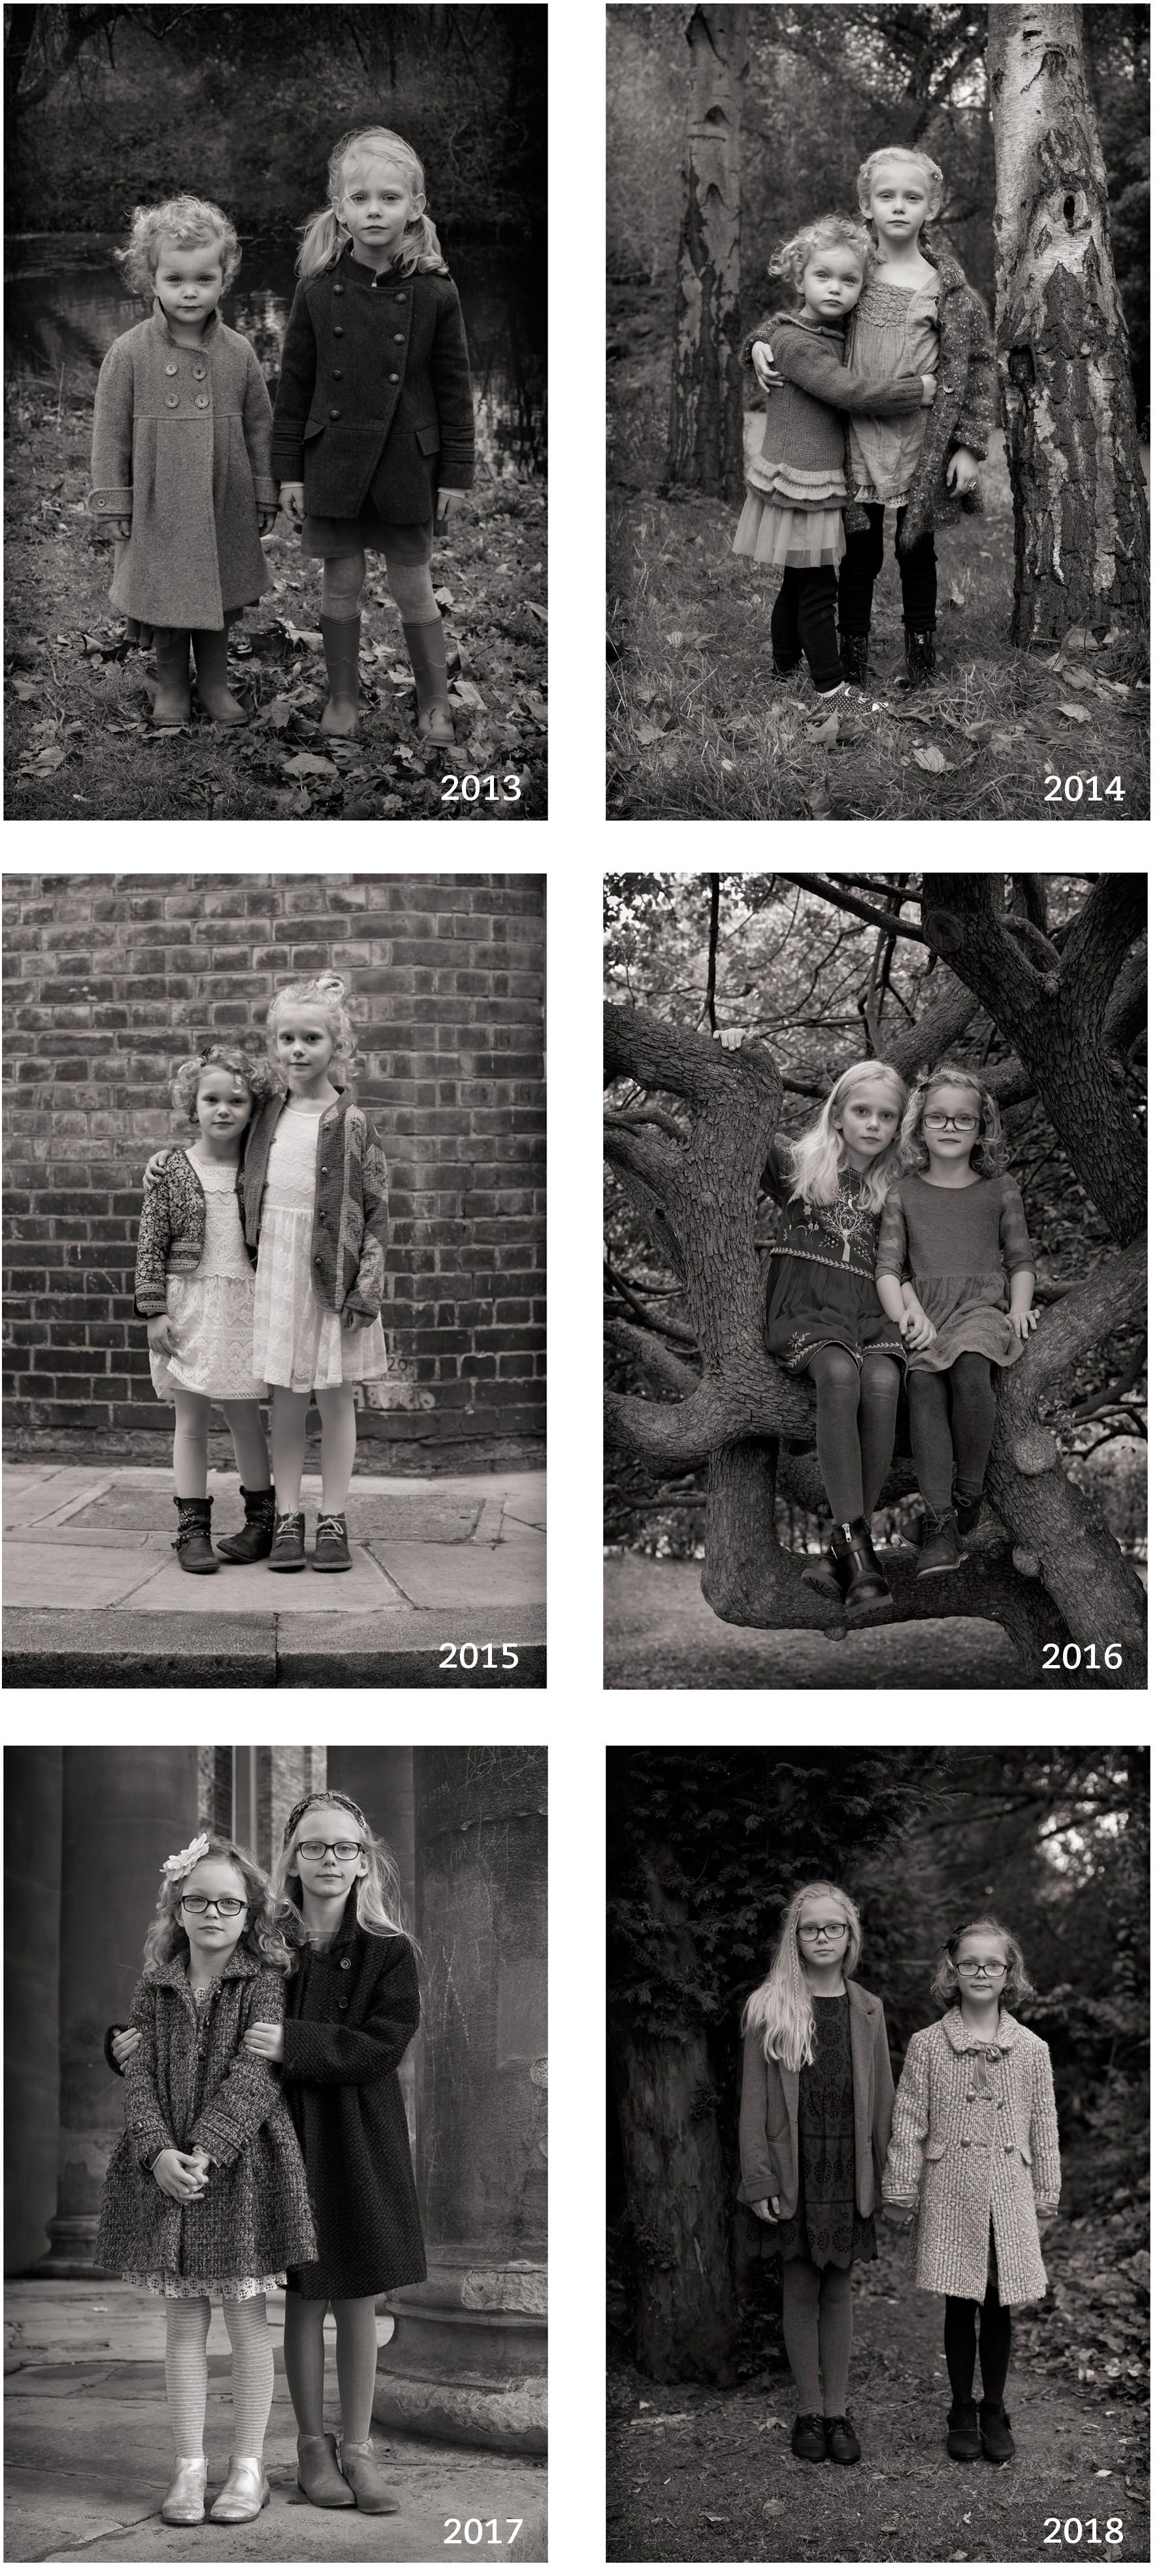 childphotosmarylebone3c.jpg